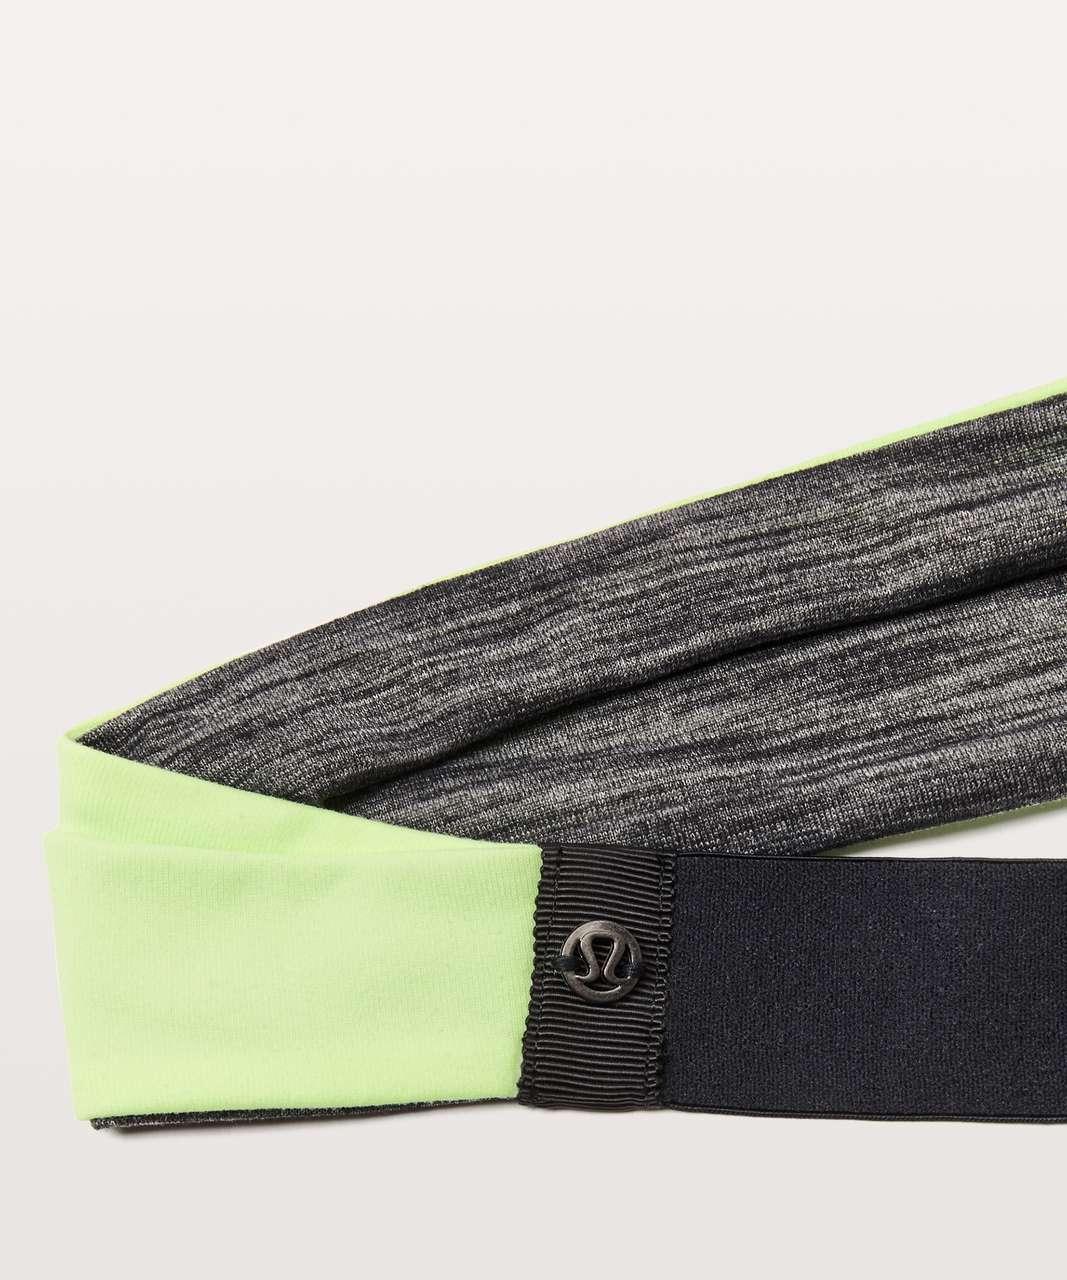 Lululemon Fringe Fighter Headband - Heathered Black / Clear Mint